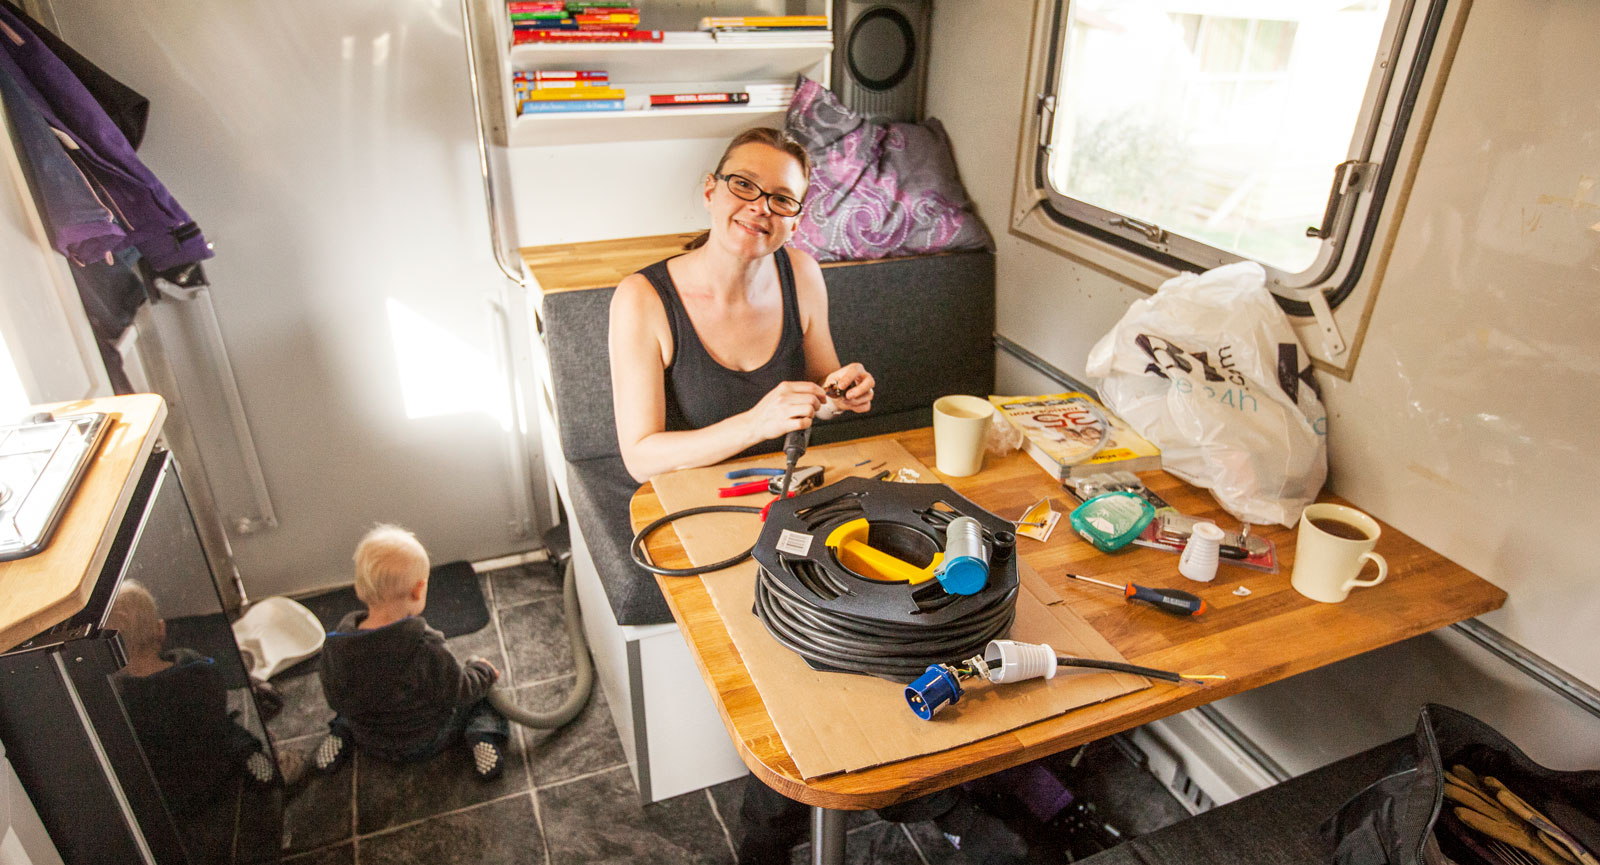 Lite kompletteringsbygge under resans gång. Matilda tar en kopp kaffe och snor ihop en skarvsladd för extern el.